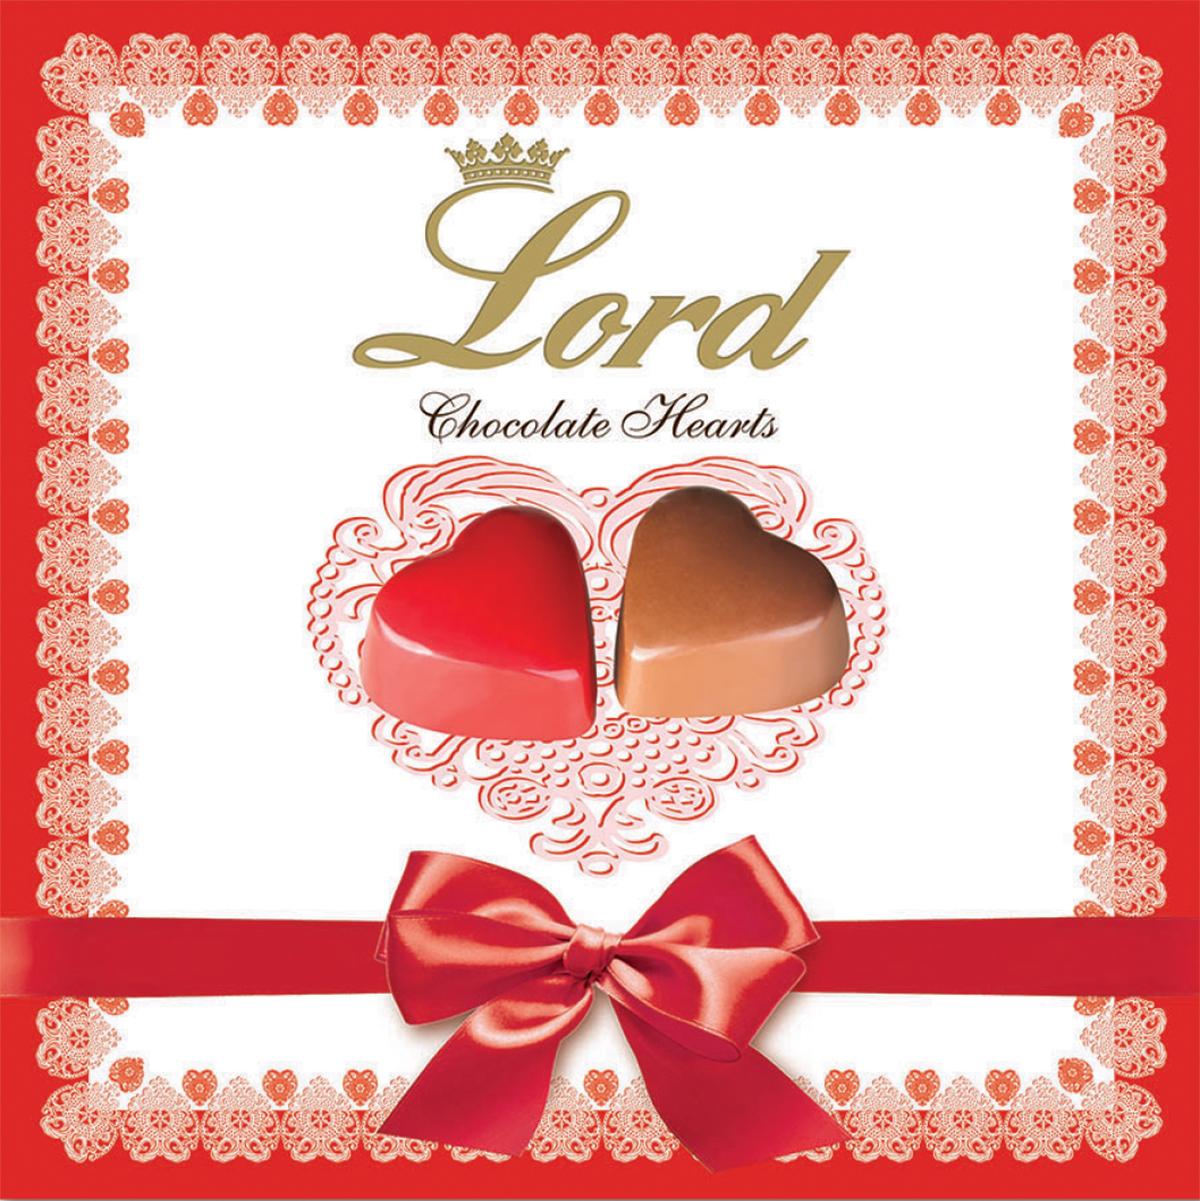 Lord Сердечки шоколадные конфеты с начинкой, 150 г деткино шоколадные фигурки из молочного шоколада 135 г